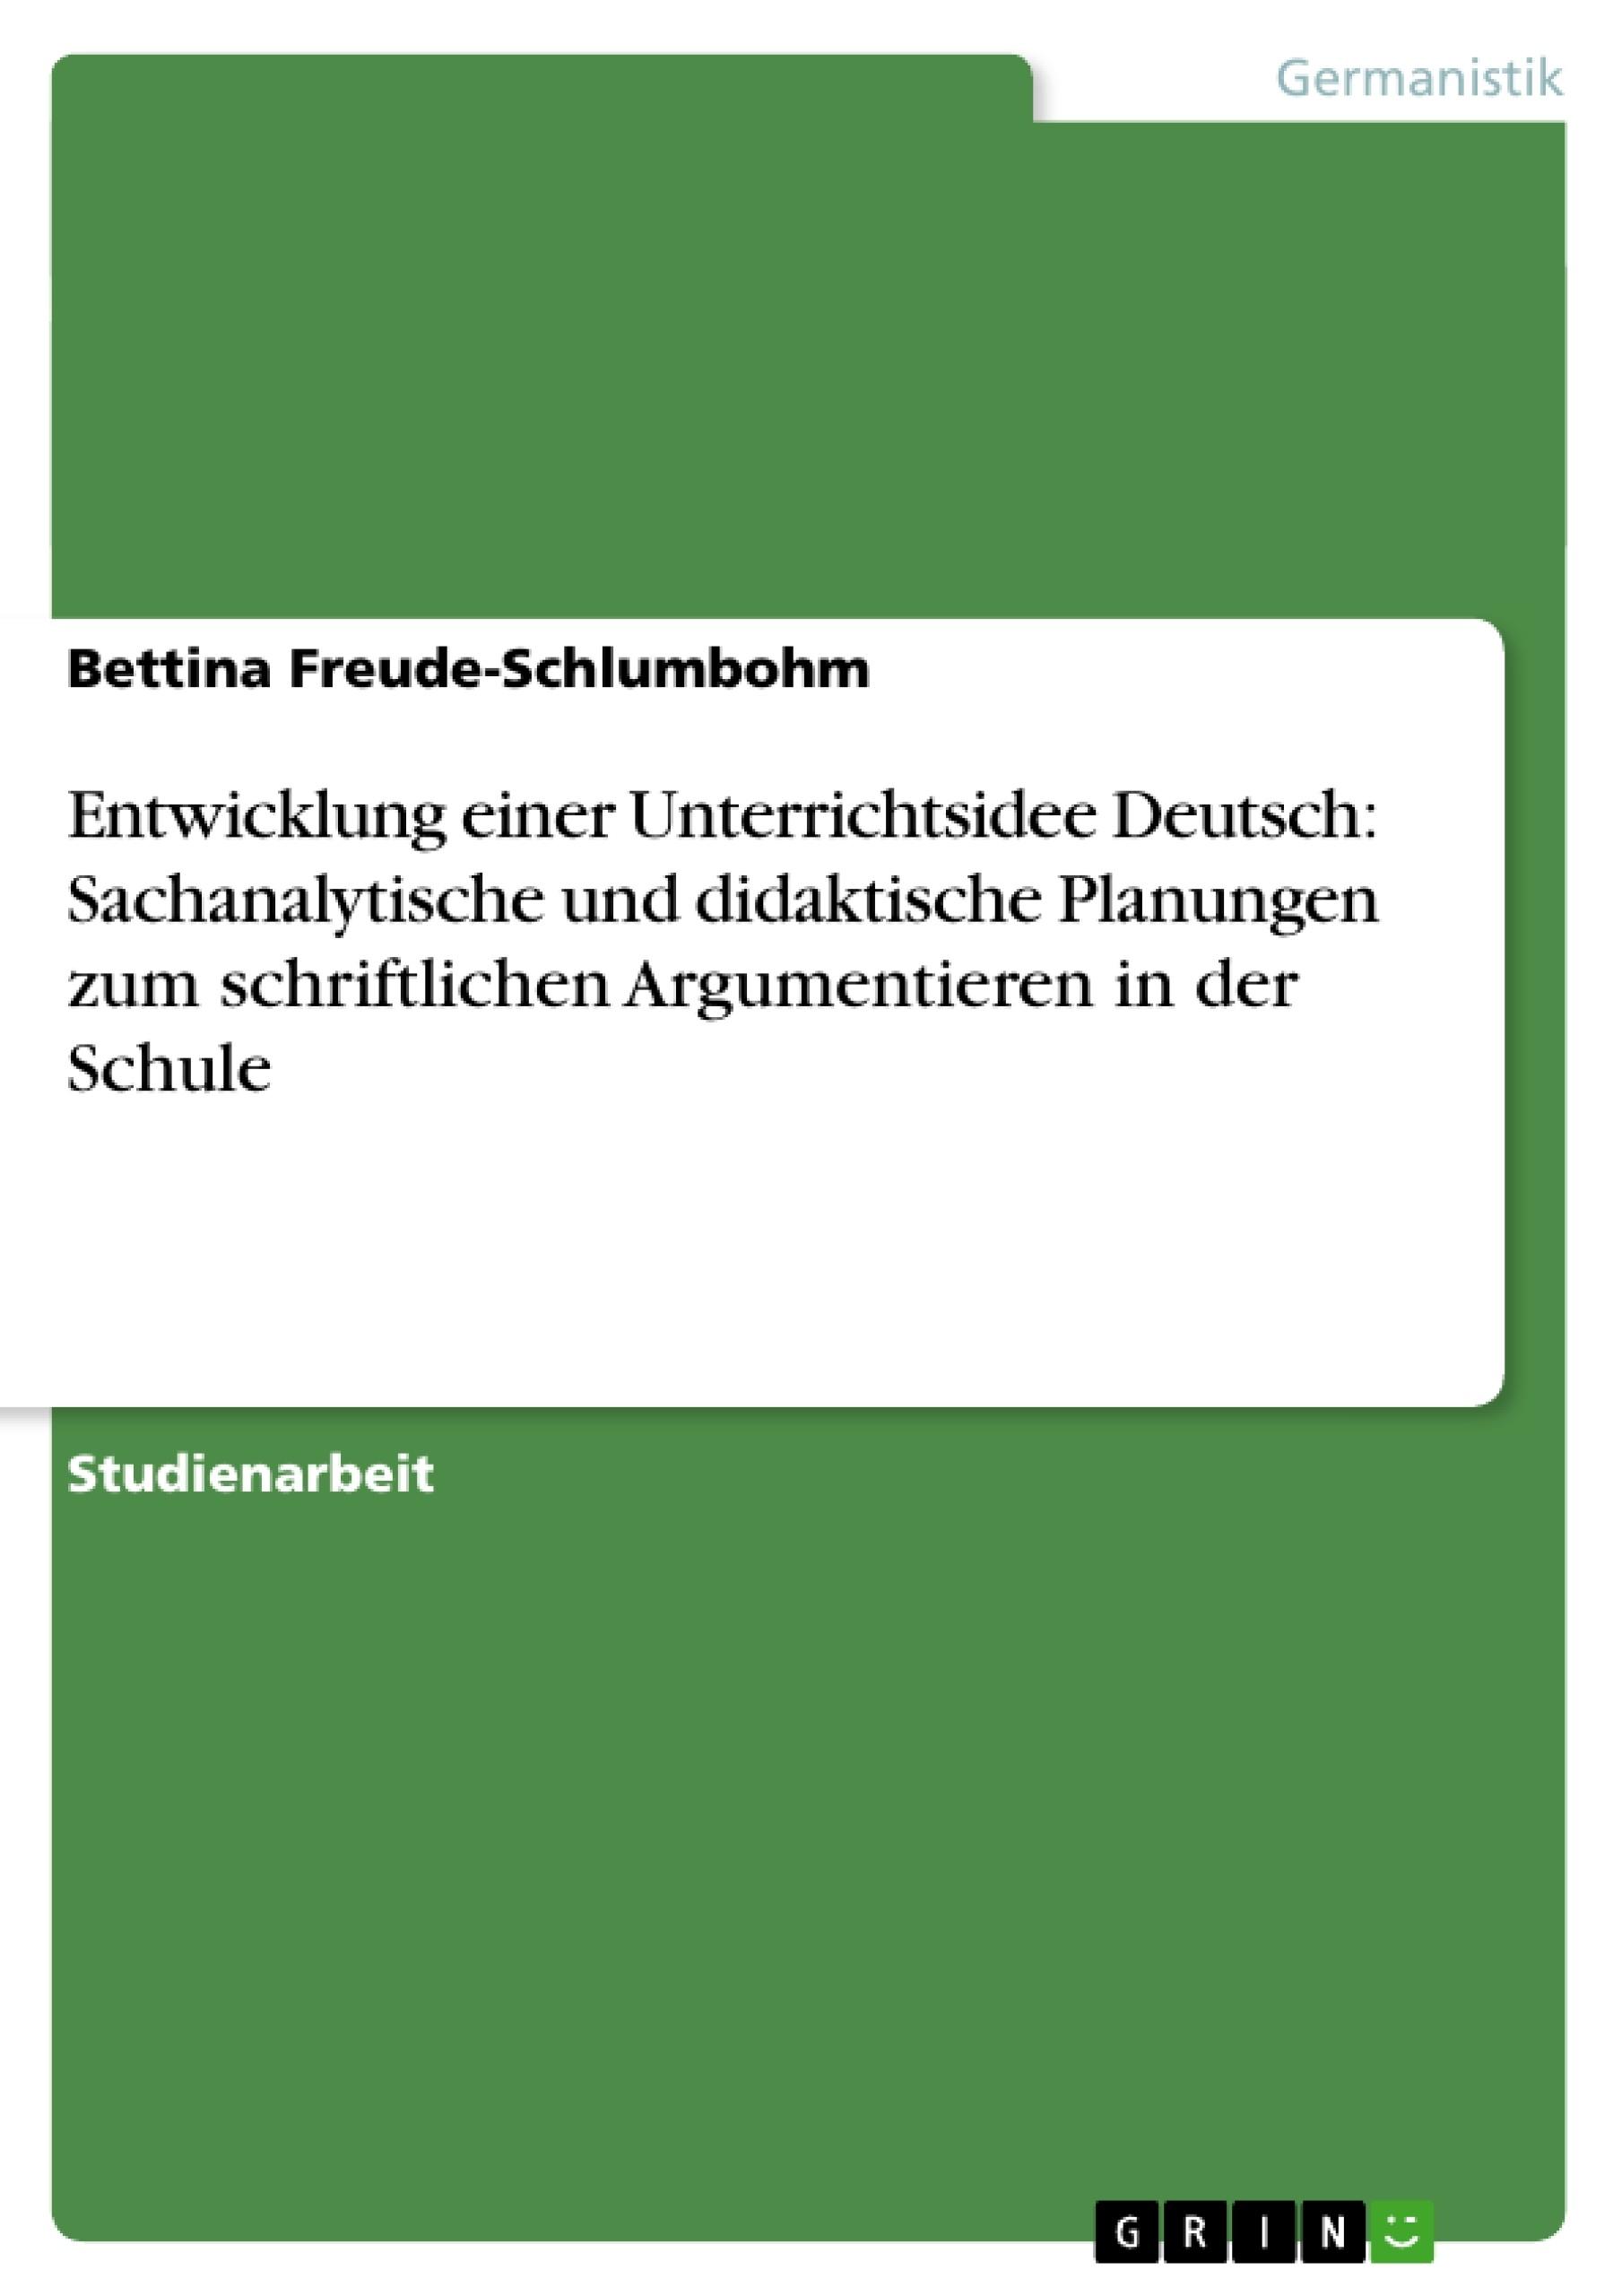 Titel: Entwicklung einer Unterrichtsidee Deutsch: Sachanalytische und didaktische Planungen zum schriftlichen  Argumentieren in der Schule